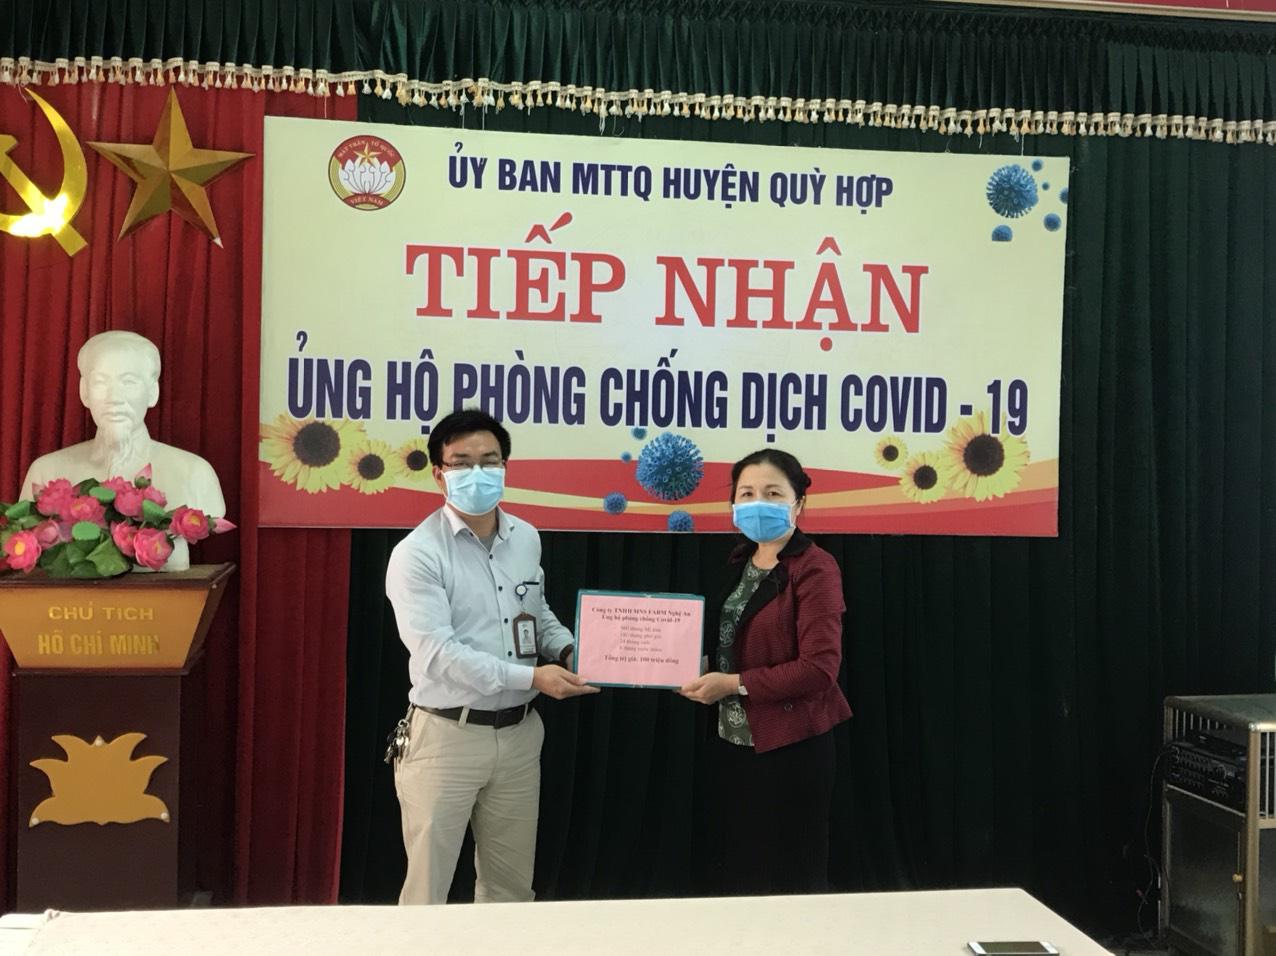 Masan Consumer trao tặng 10.000 phần quà cho công nhân các khu công nghiệp tại Tp. Hồ Chí Minh - Ảnh 3.